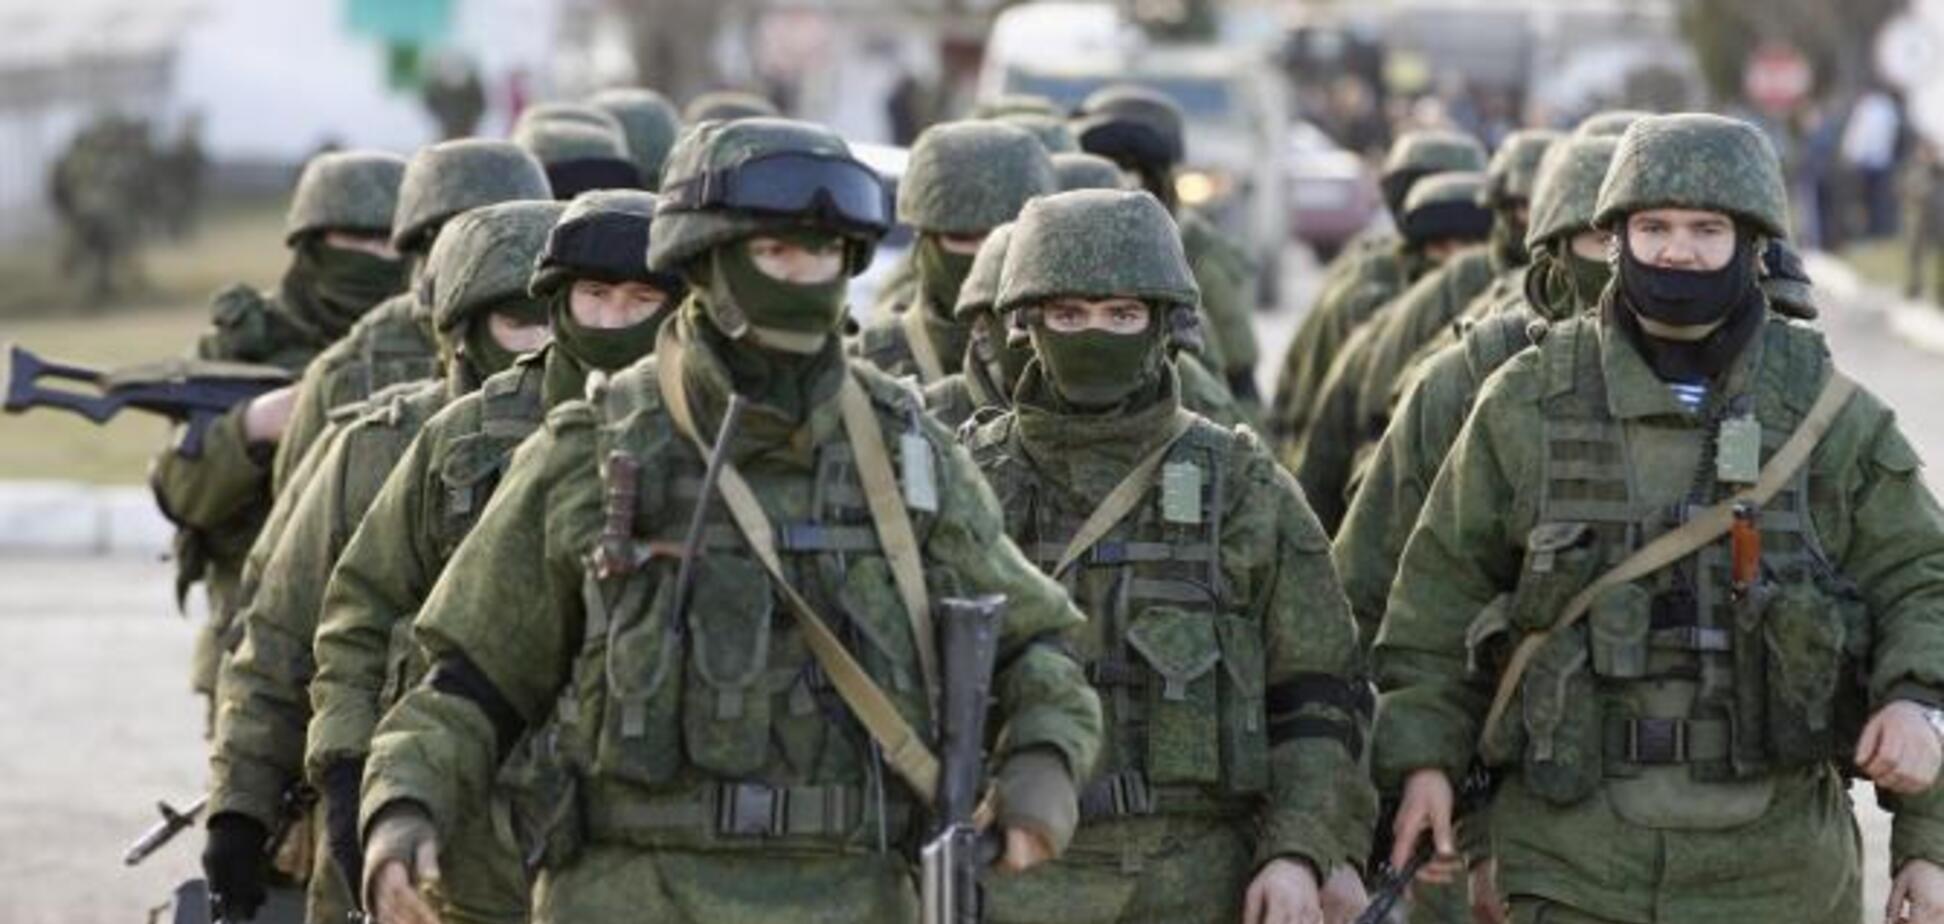 'Хотят повторить 2014': Цимбалюк раскрыл план России на выборы в Украине